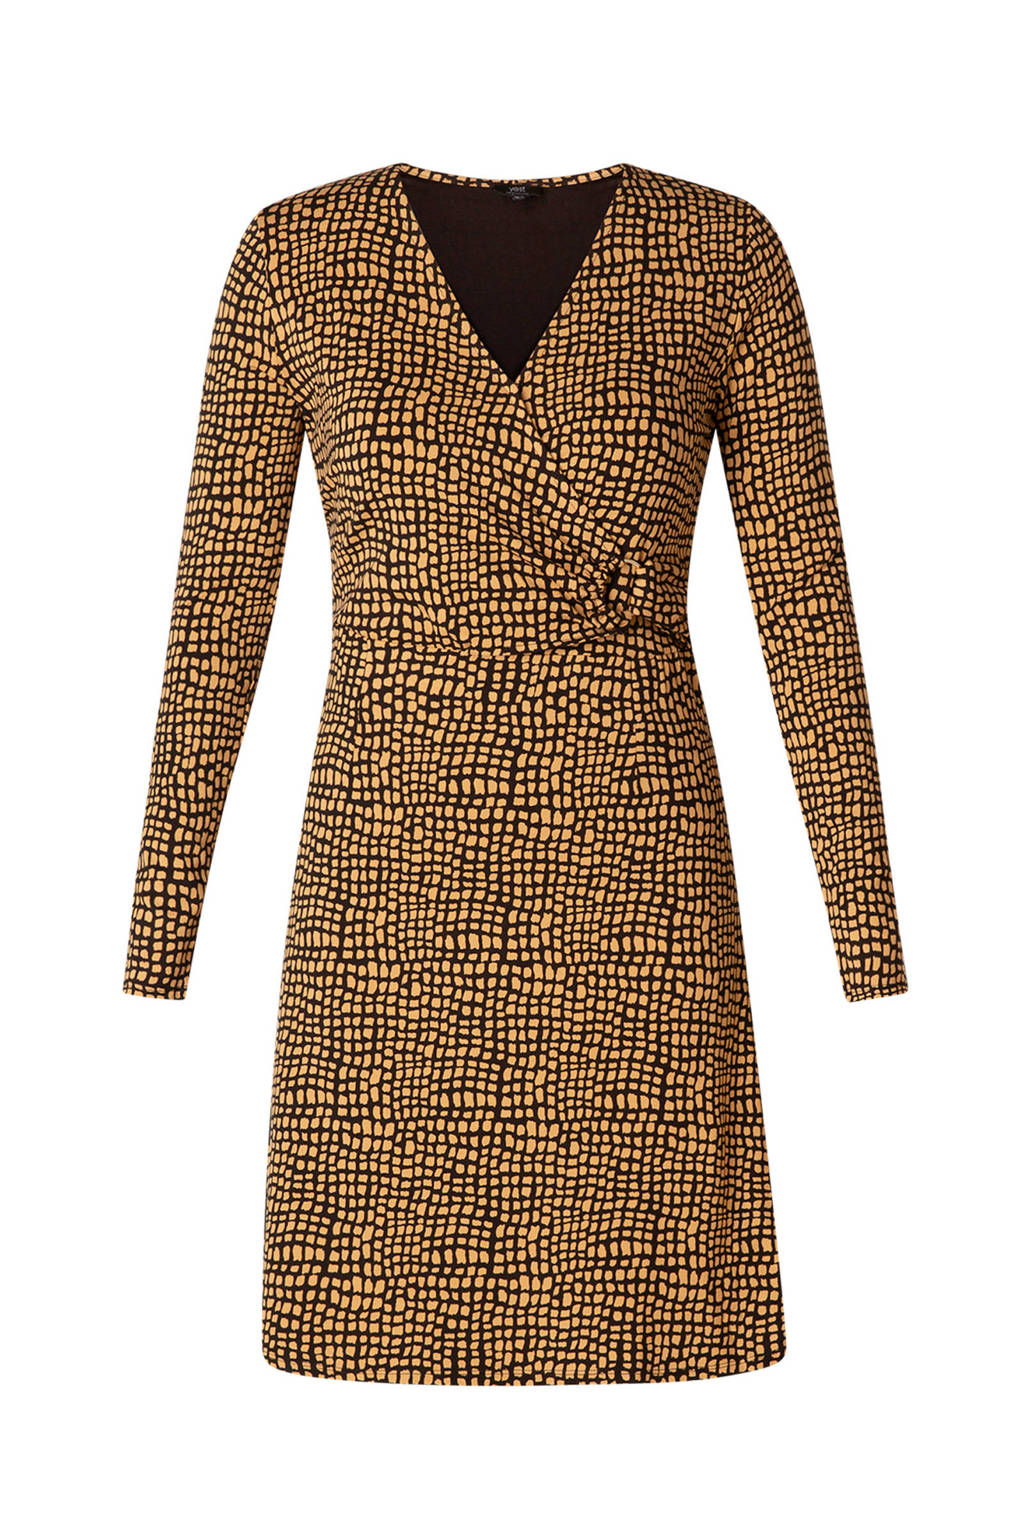 Yesta A-lijn jurk met all over print zwart/camel, Zwart/camel